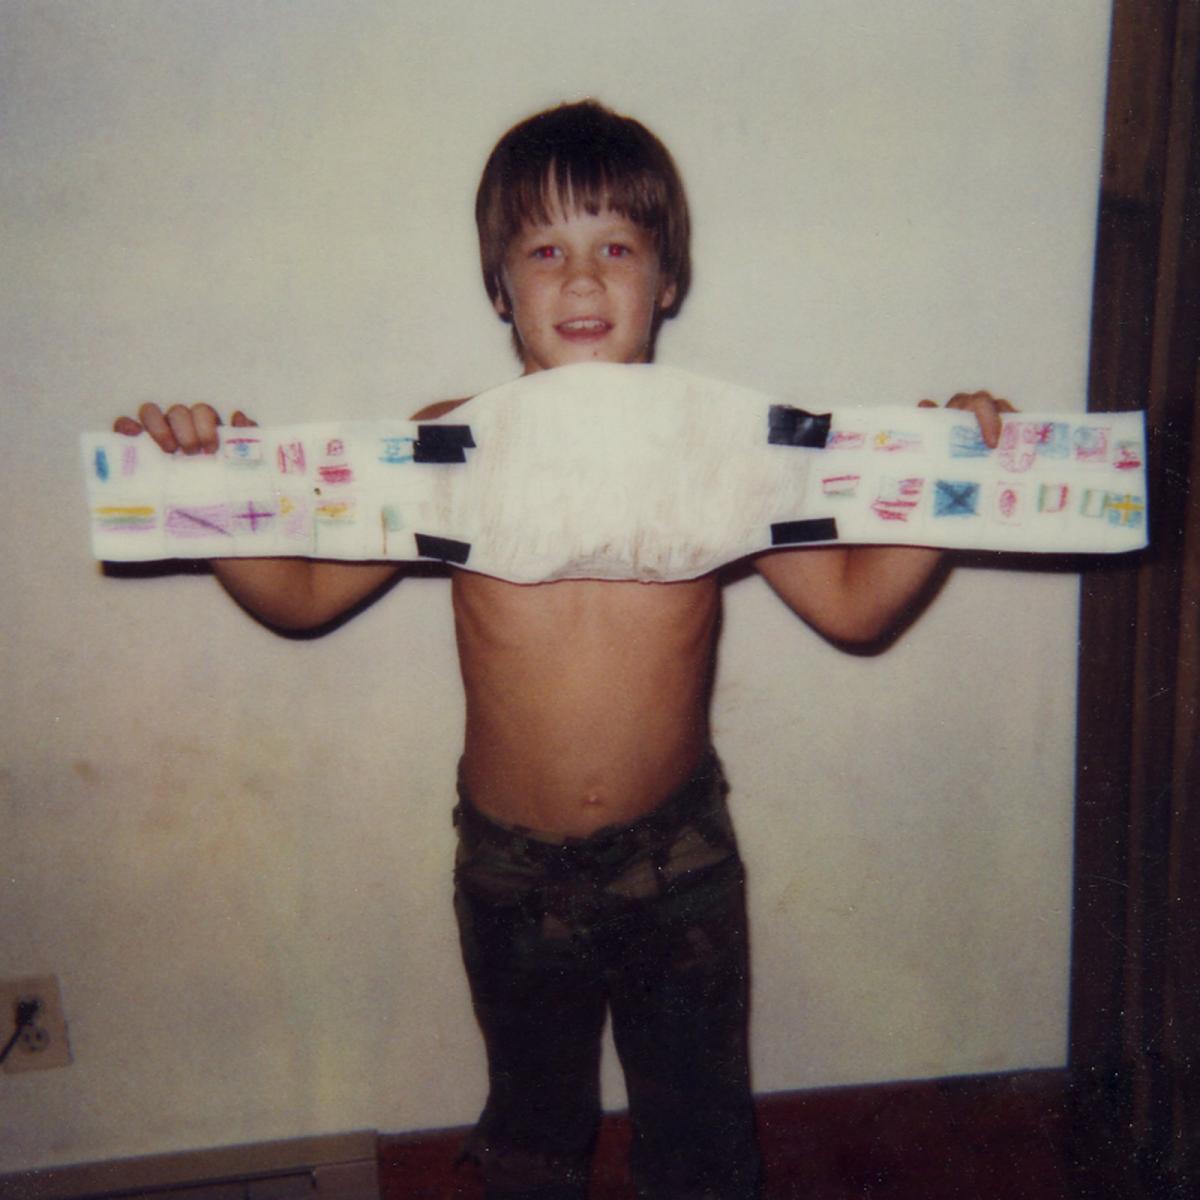 Cena's childhood